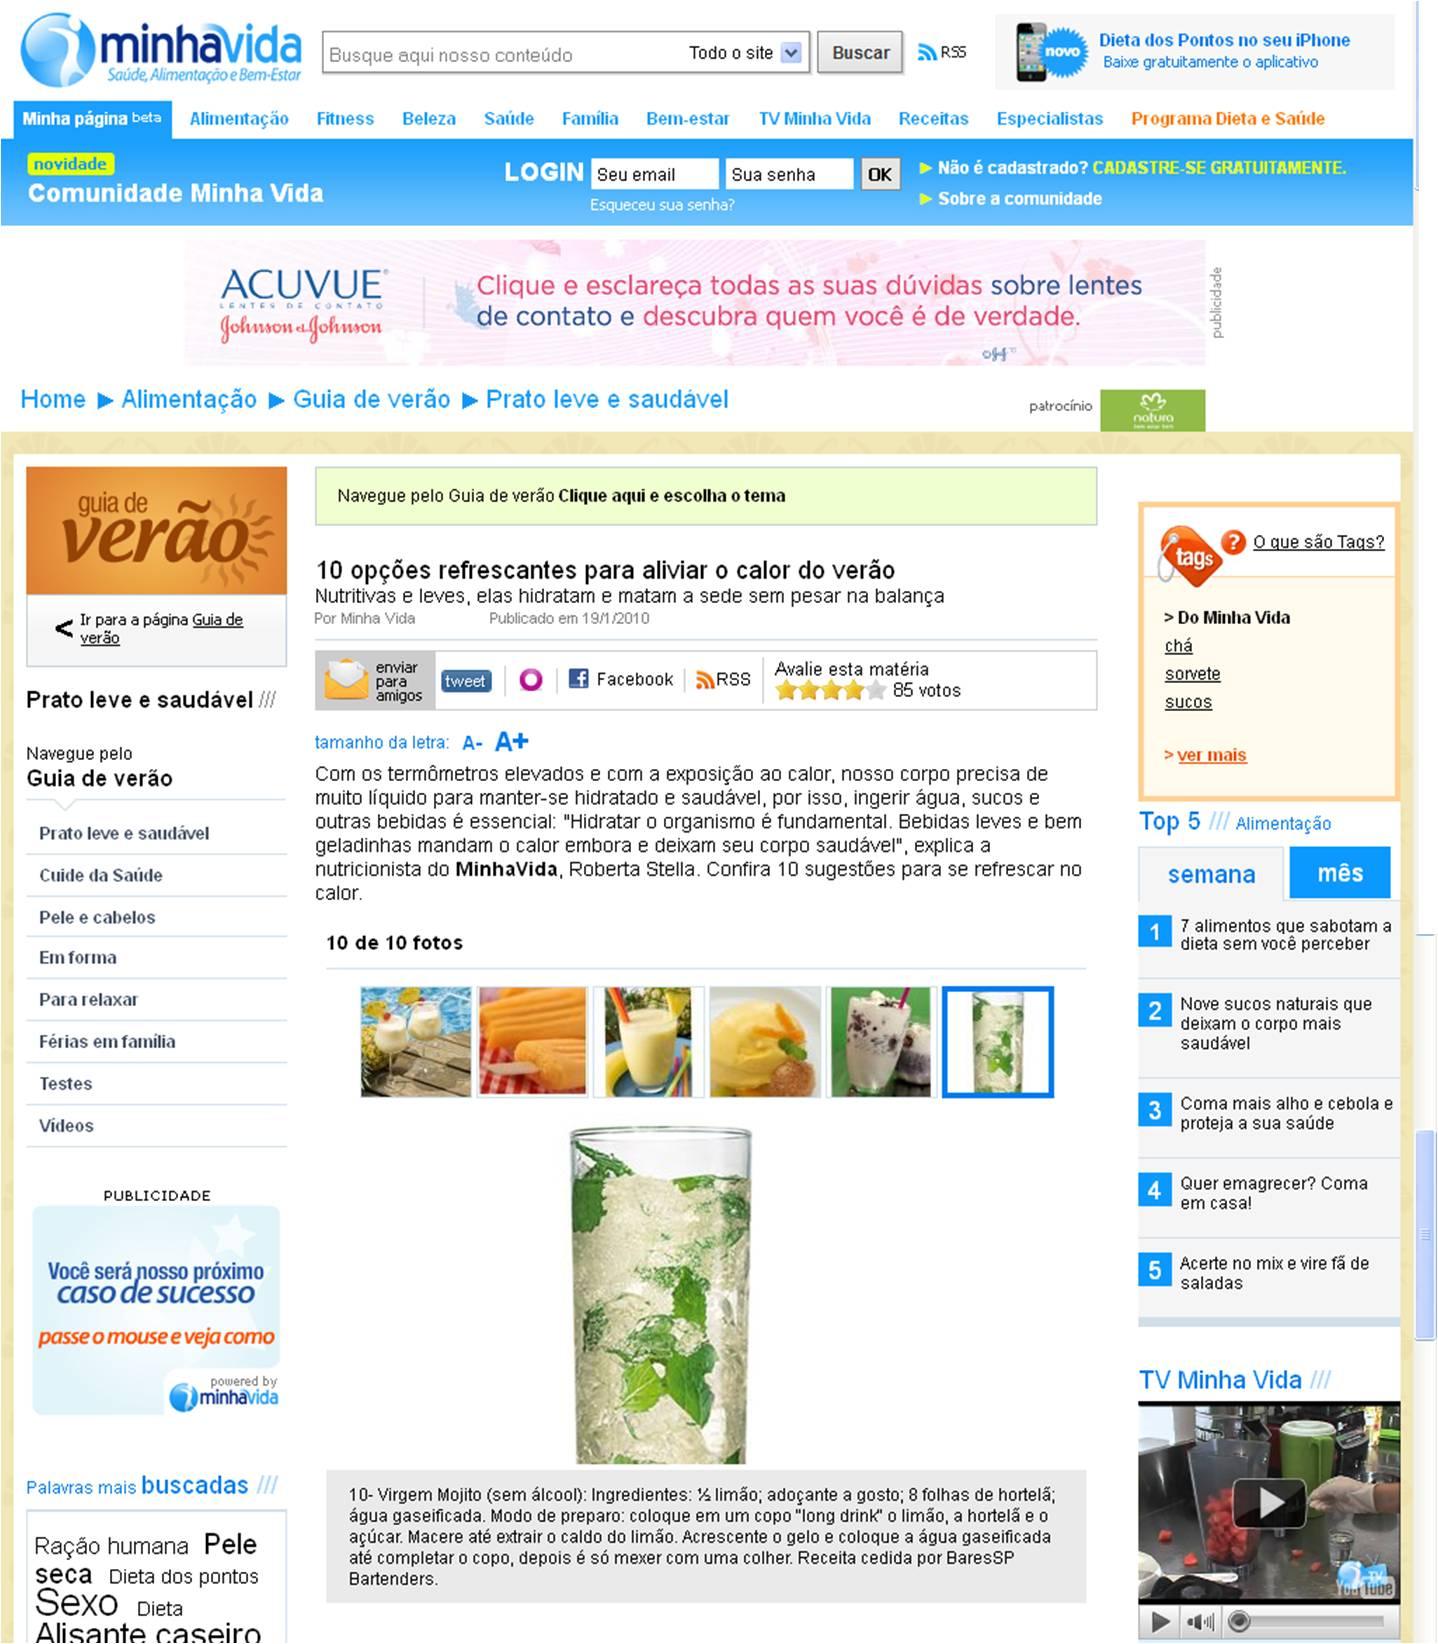 Receita do BaresSP Bartenders no Portal Minha Vida BaresSP image